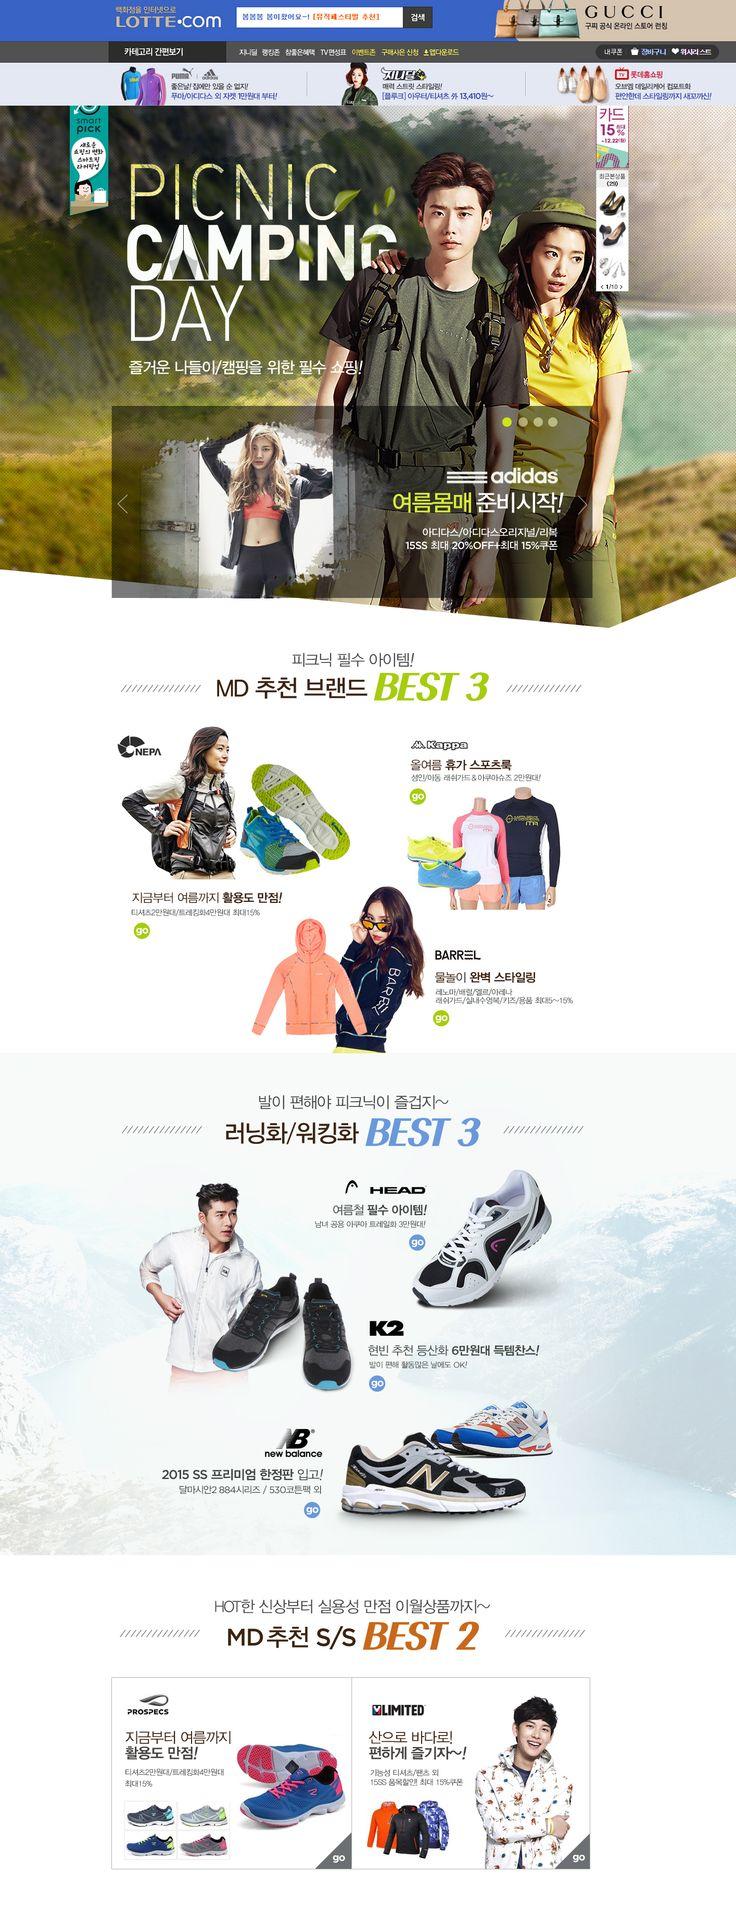 롯데닷컴 피크닉 캠핑데이 기획전 www.lotte.com